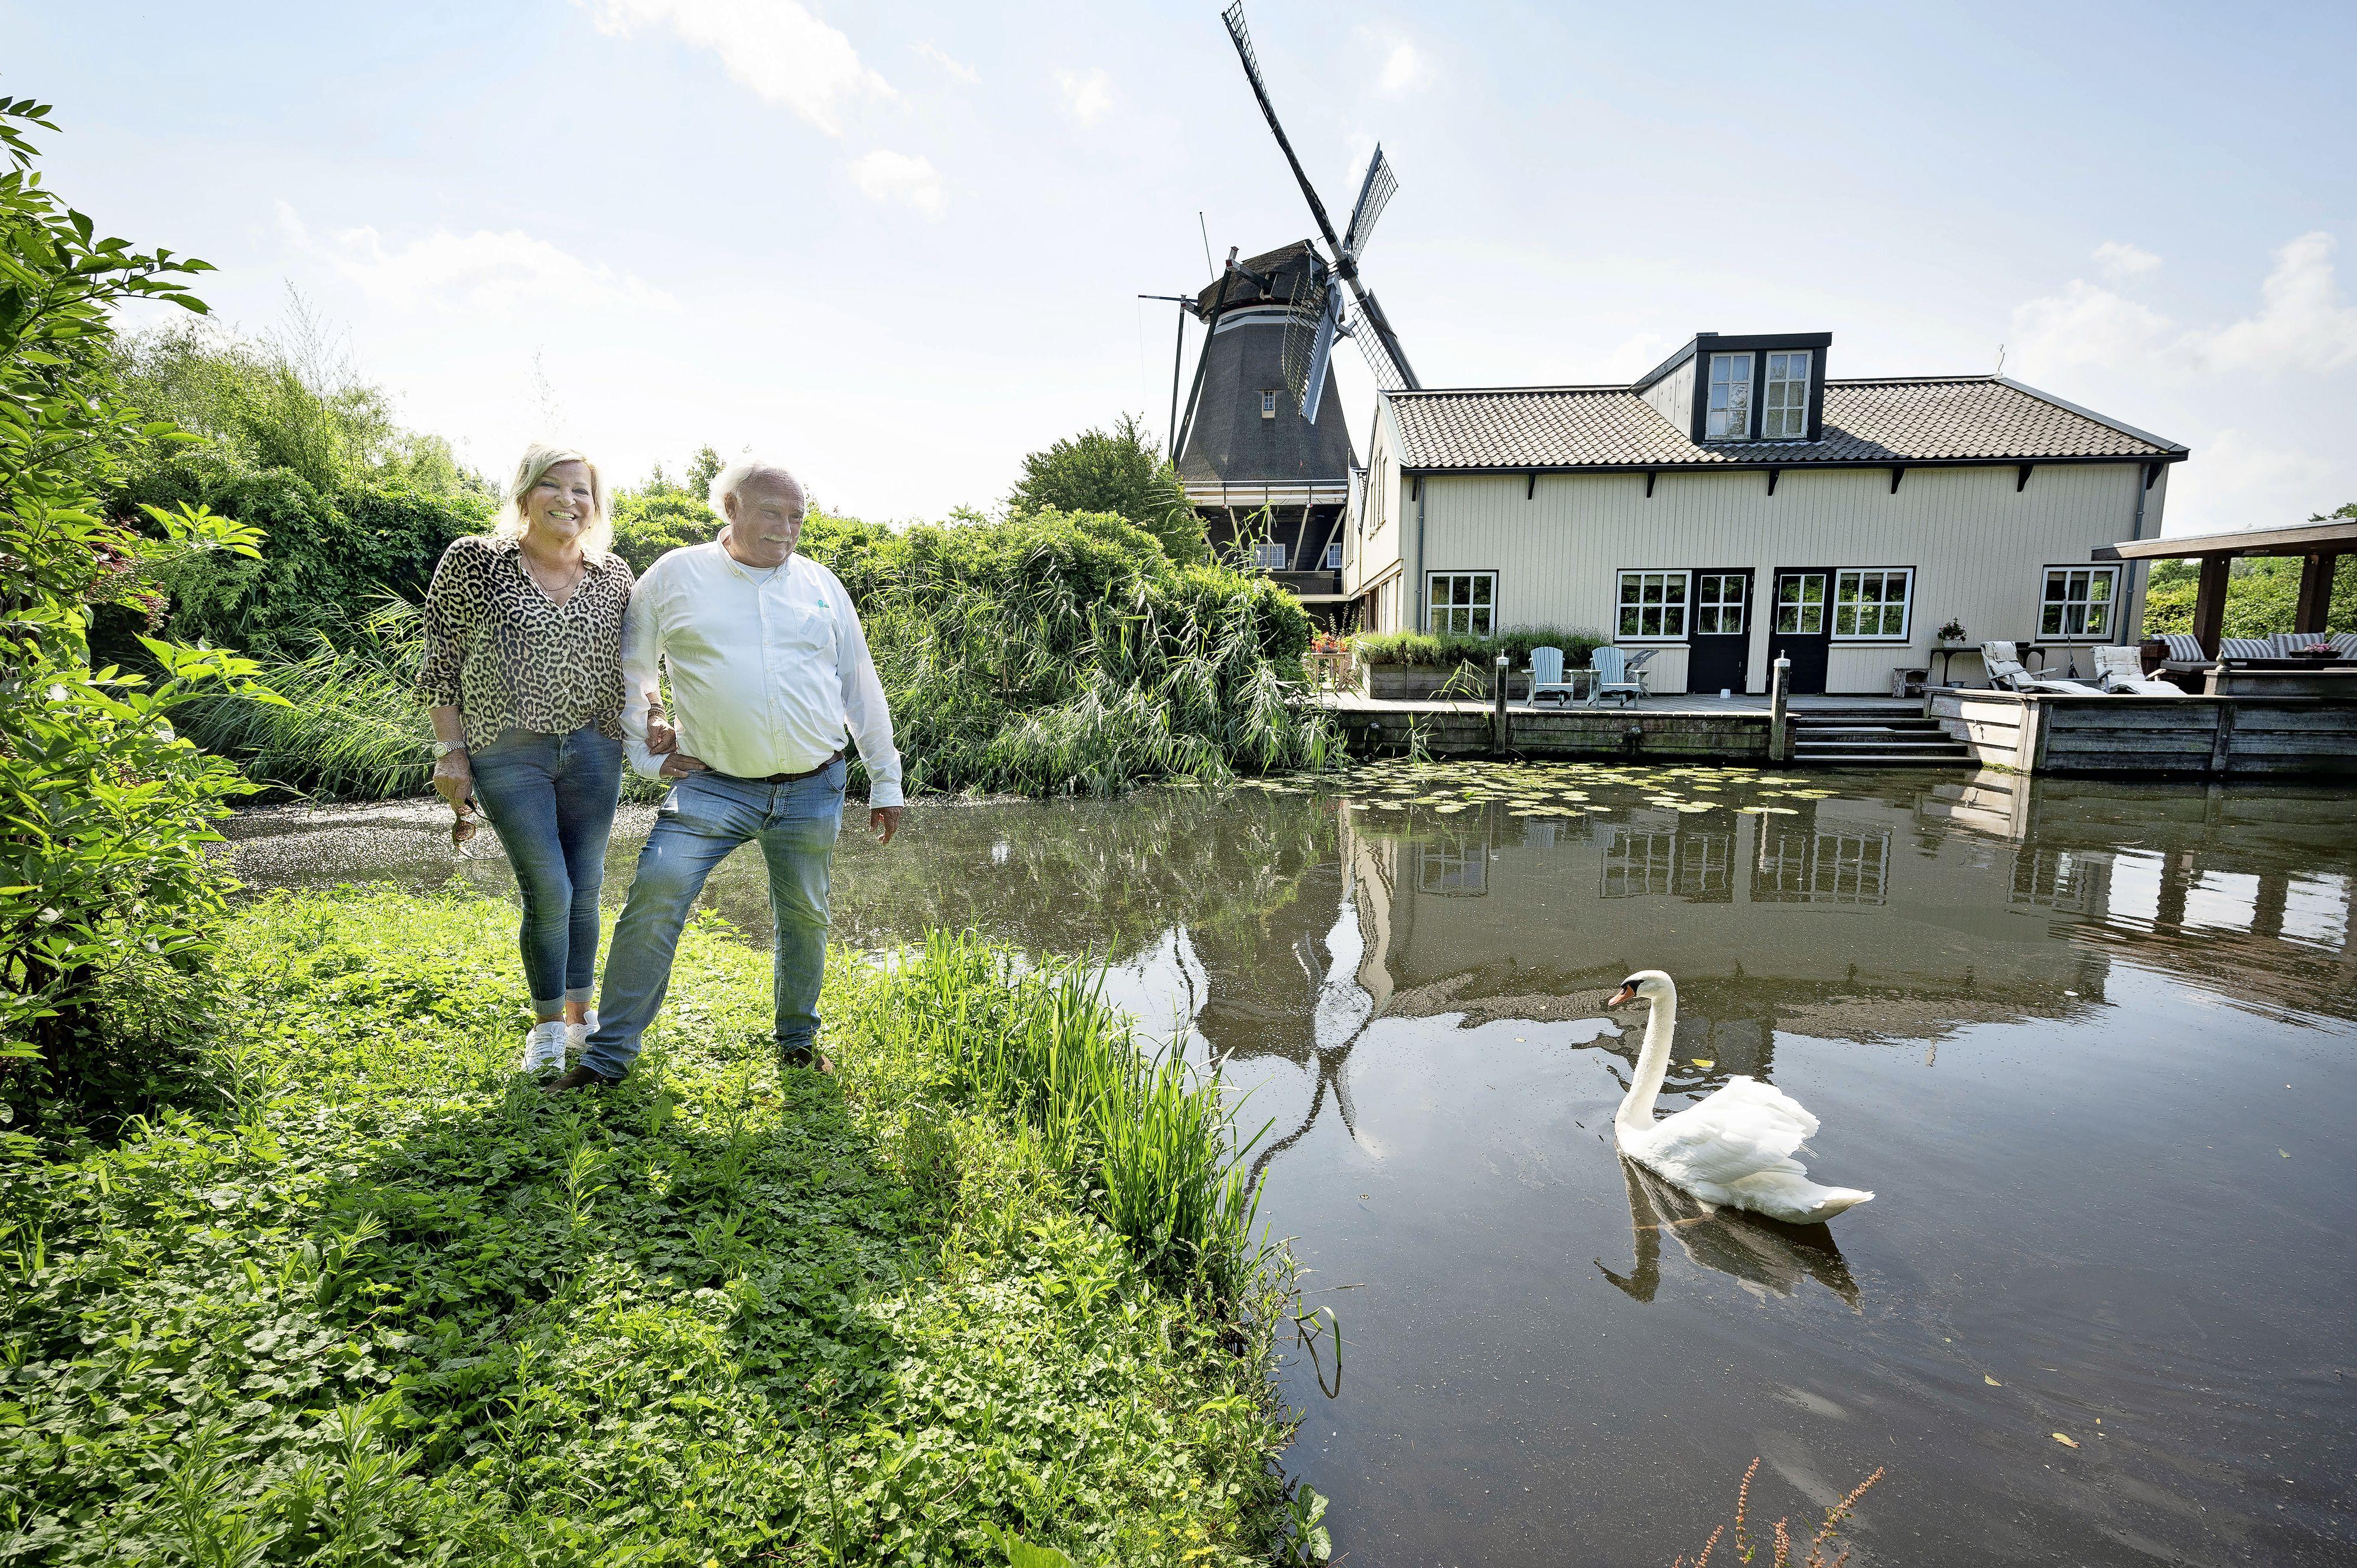 Waarschijnlijk het duurste pand van Leiden staat te koop, maar voor hoeveel zegt de eigenaar niet